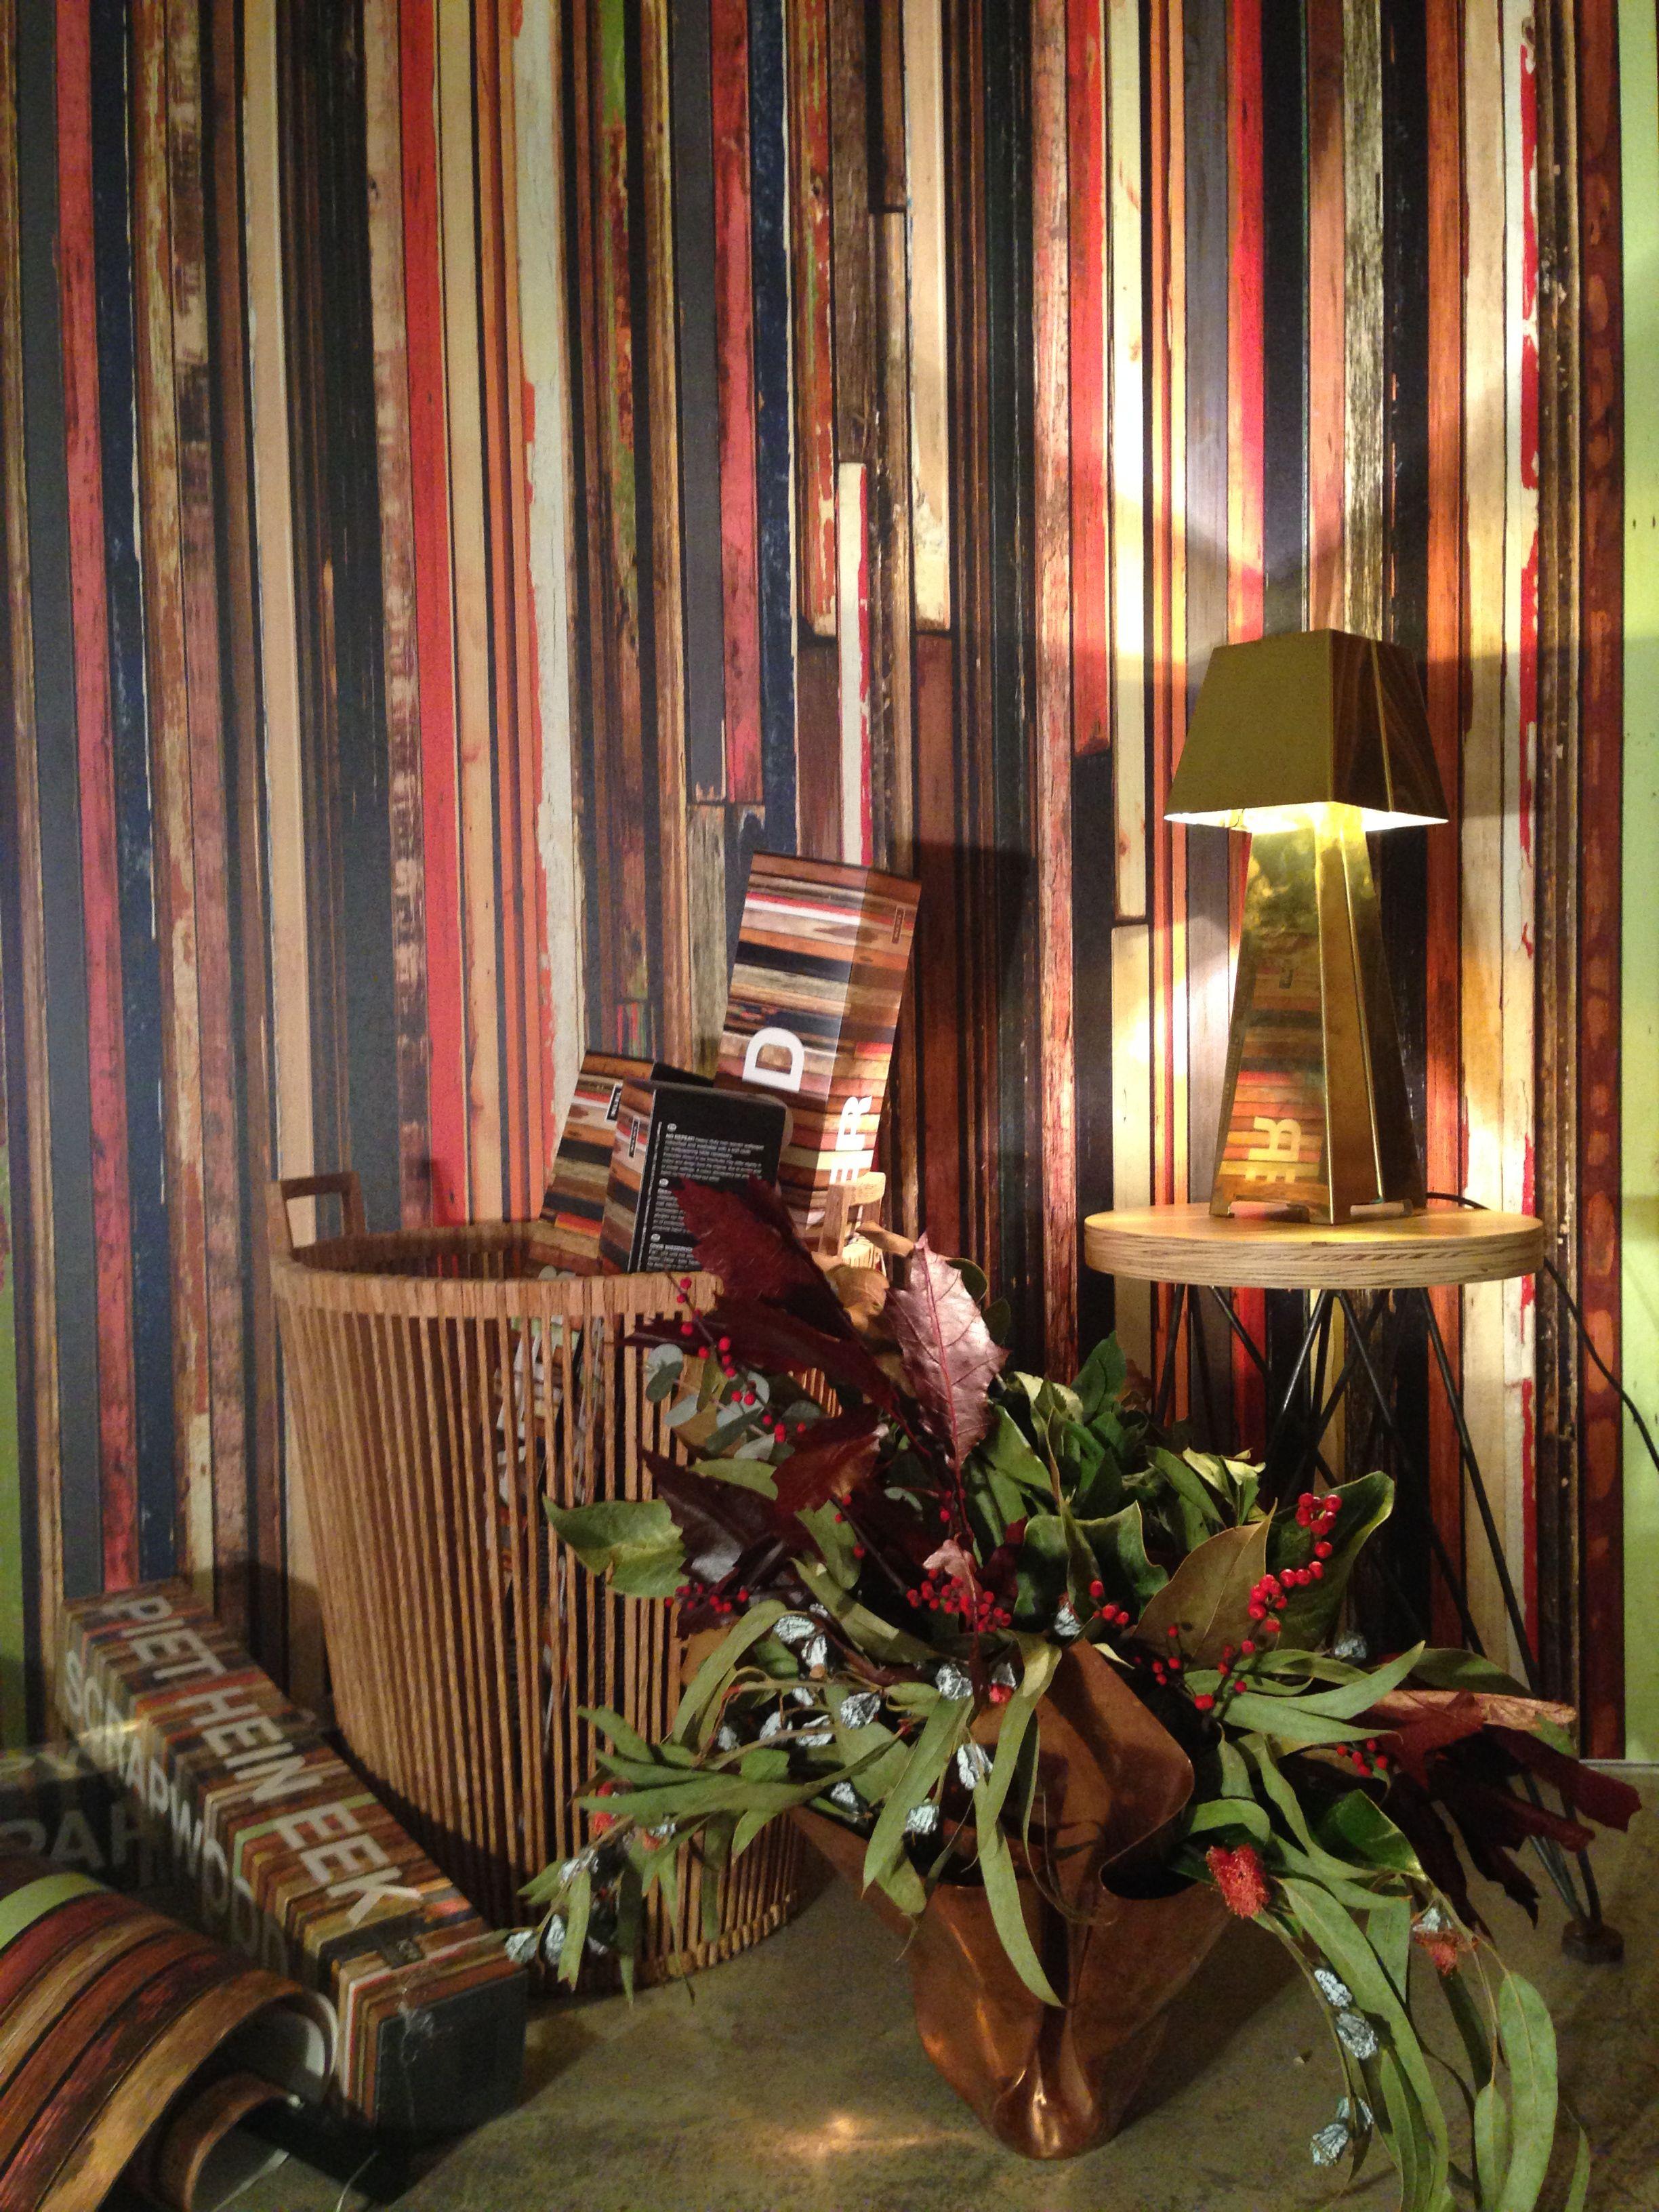 Llegan las fiestas en Roomservice Design Gallery. Bodegón, diseños Wallpaper de Piet Hein Eek. PHOTO y MONTAJE: Anna cortada